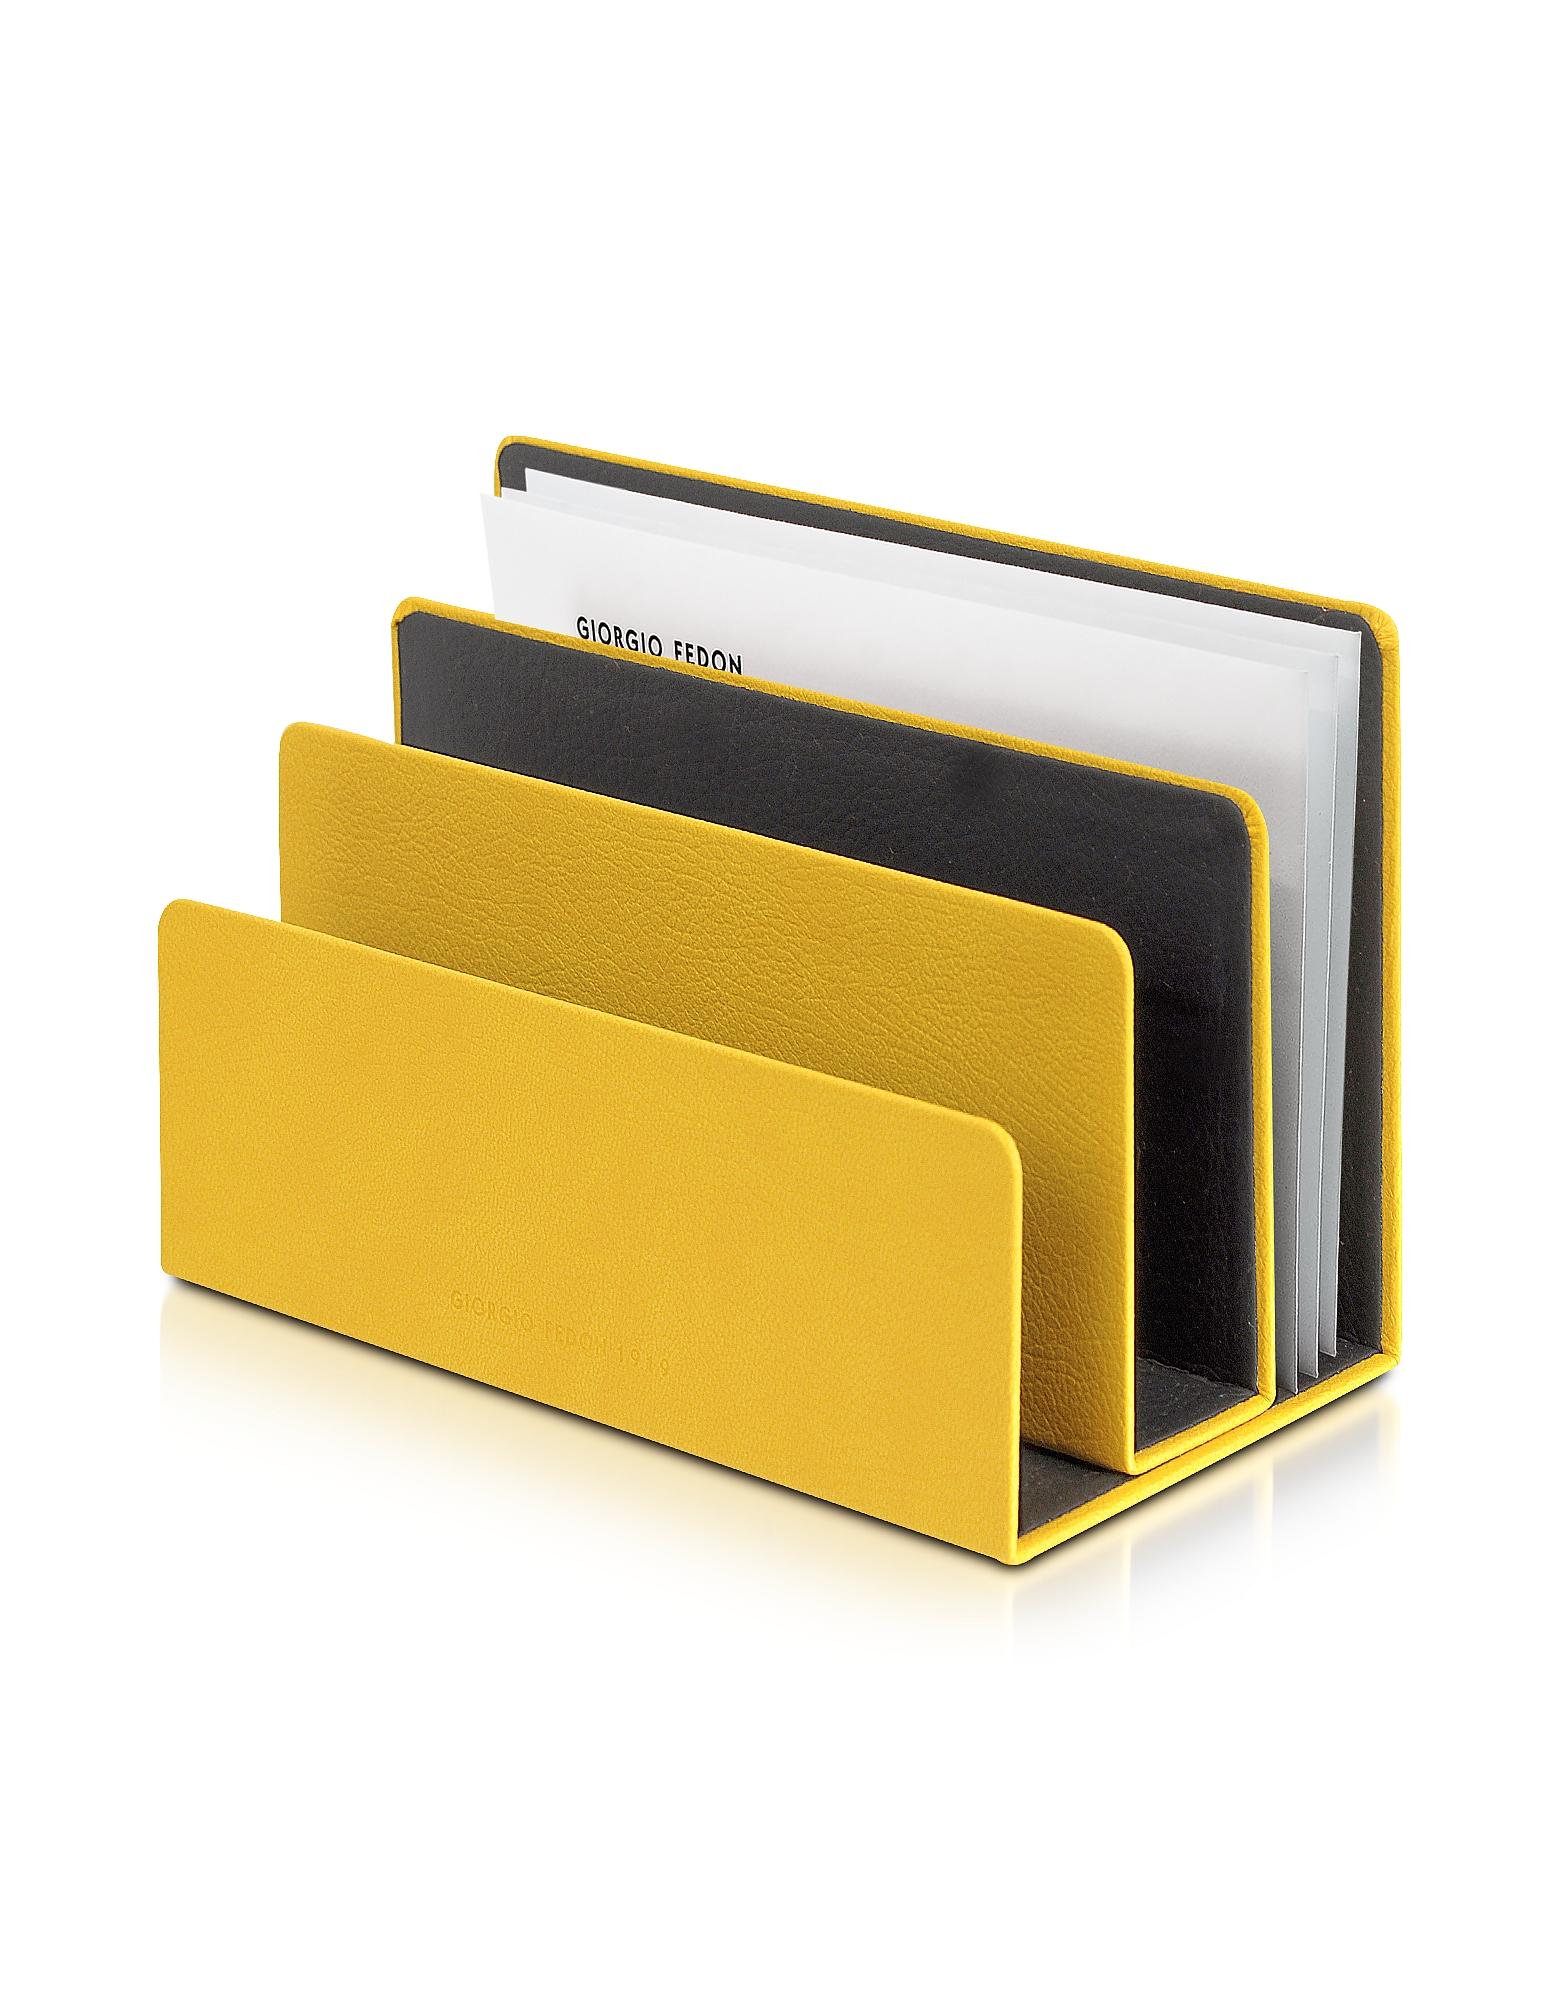 Фото Charme - Желтый Настольный Поднос для Писем. Купить с доставкой